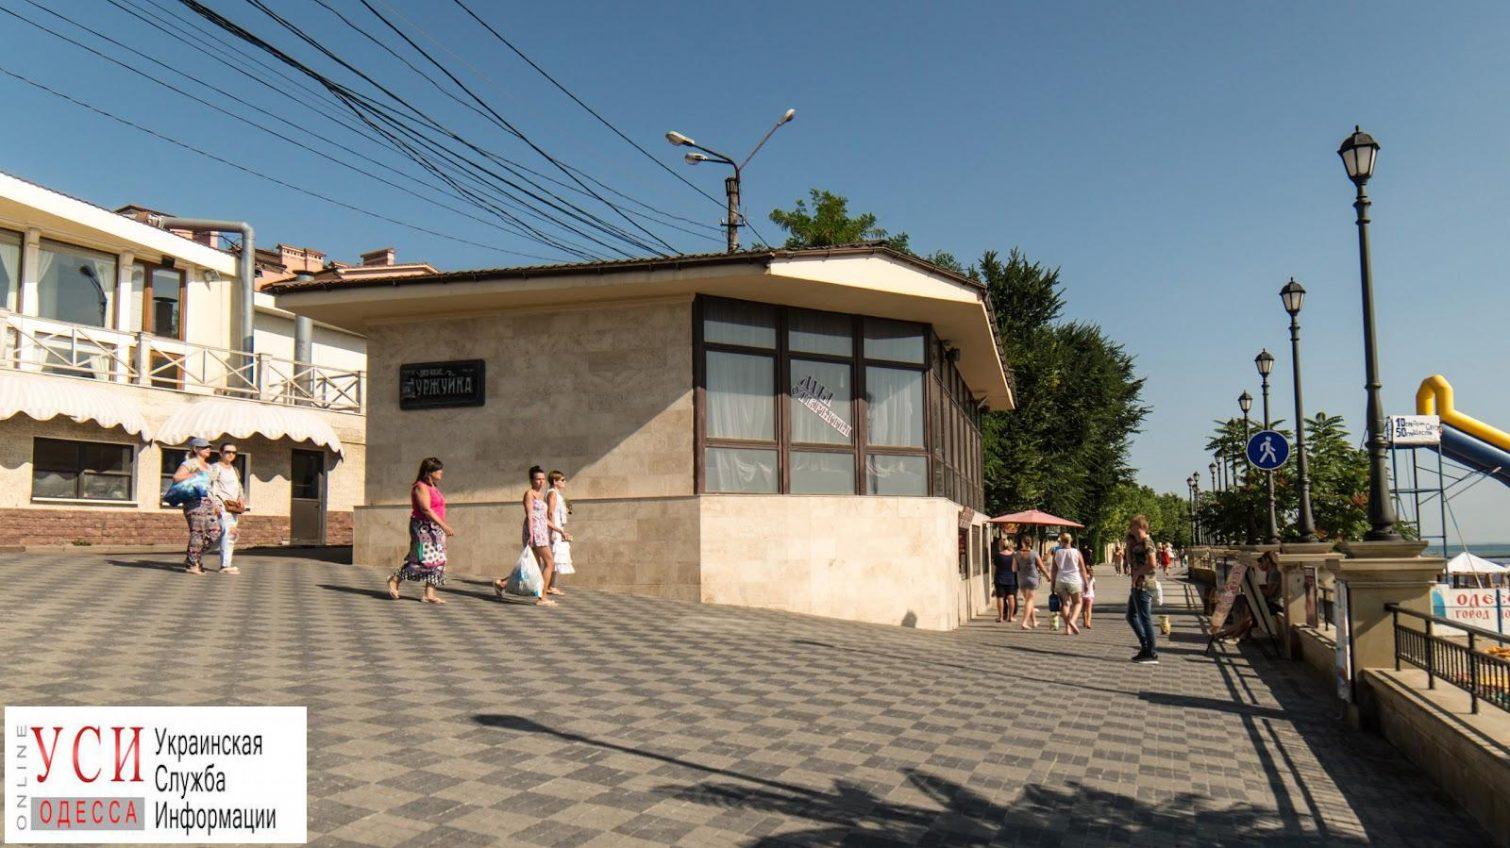 Опасное побережье: в Одессе почти в каждом прибрежном кафе или клубе нашли нарушения «фото»